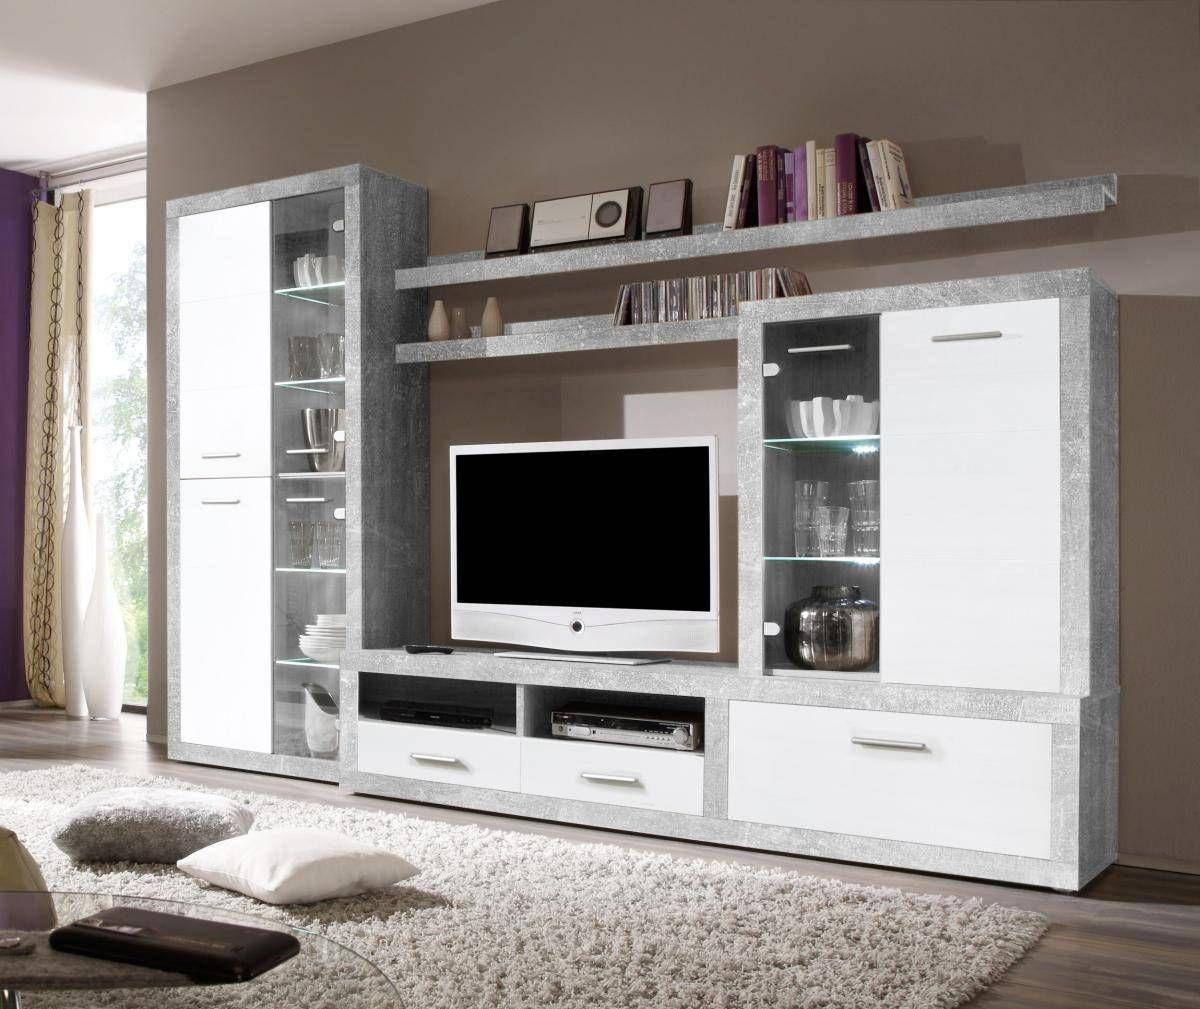 Wohnwand Cancan Beton Optik Online Bei Poco Kaufen Wohnwand Wohnen Mobeldesign